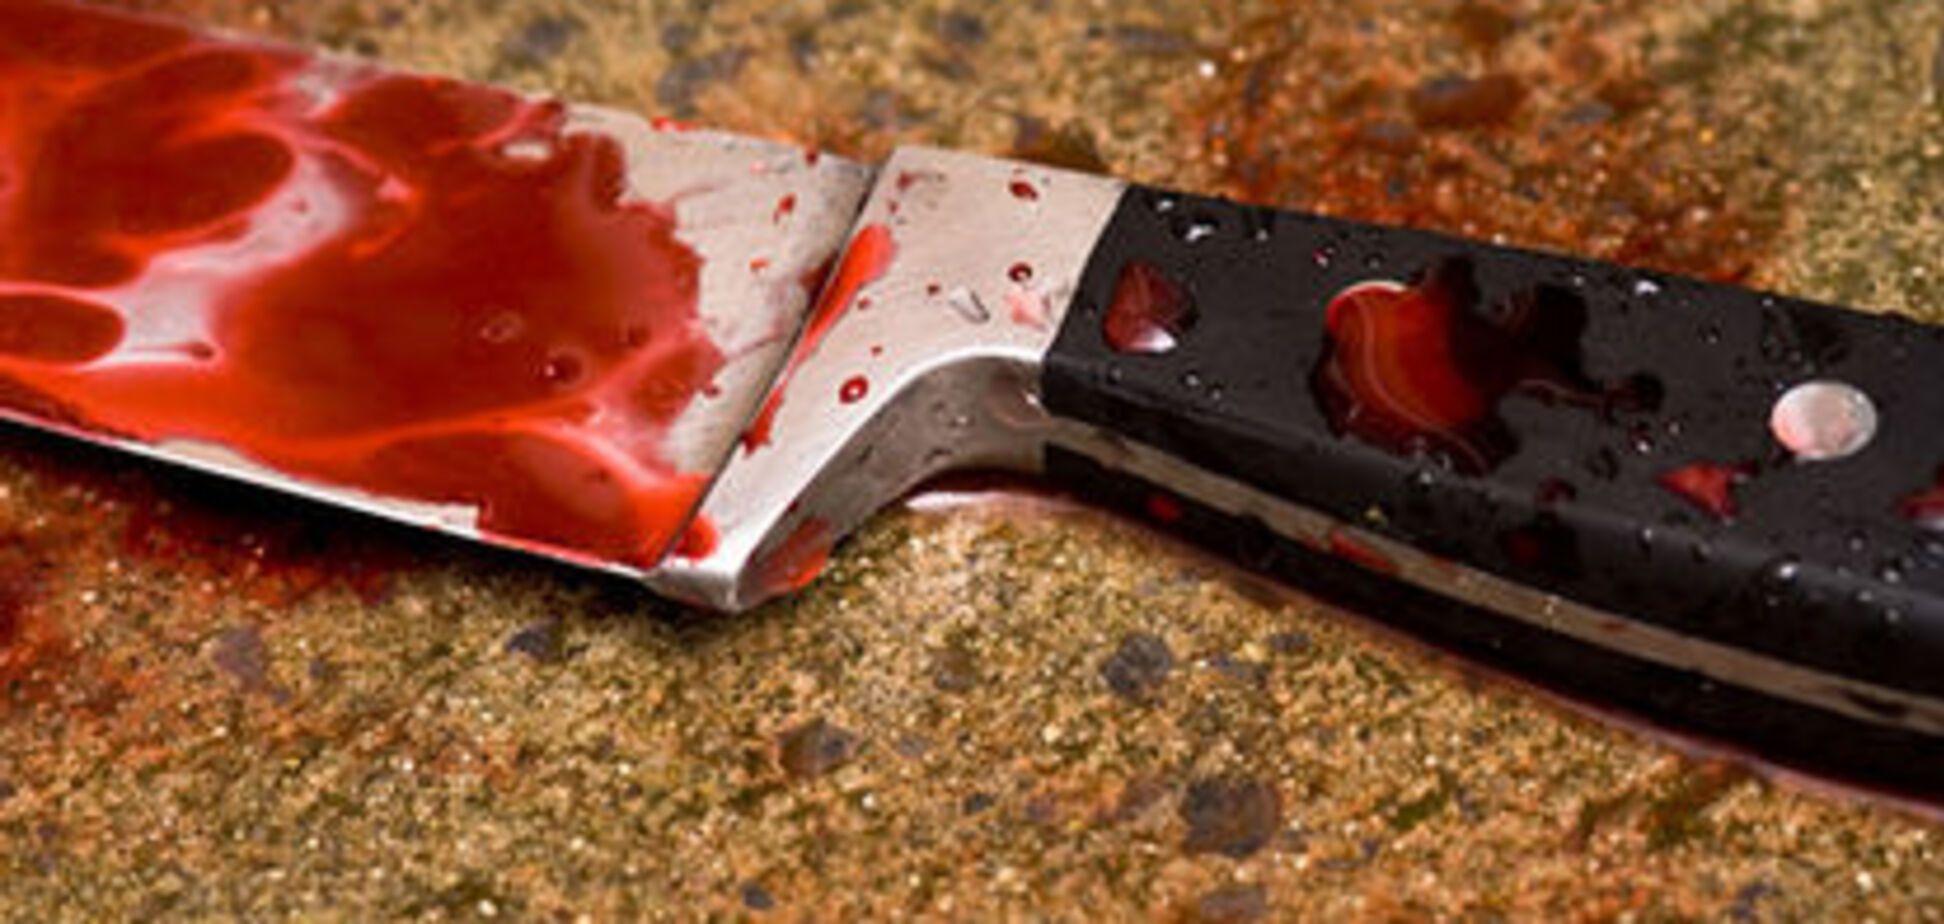 Жена пырнула мужа ножом за хлеб